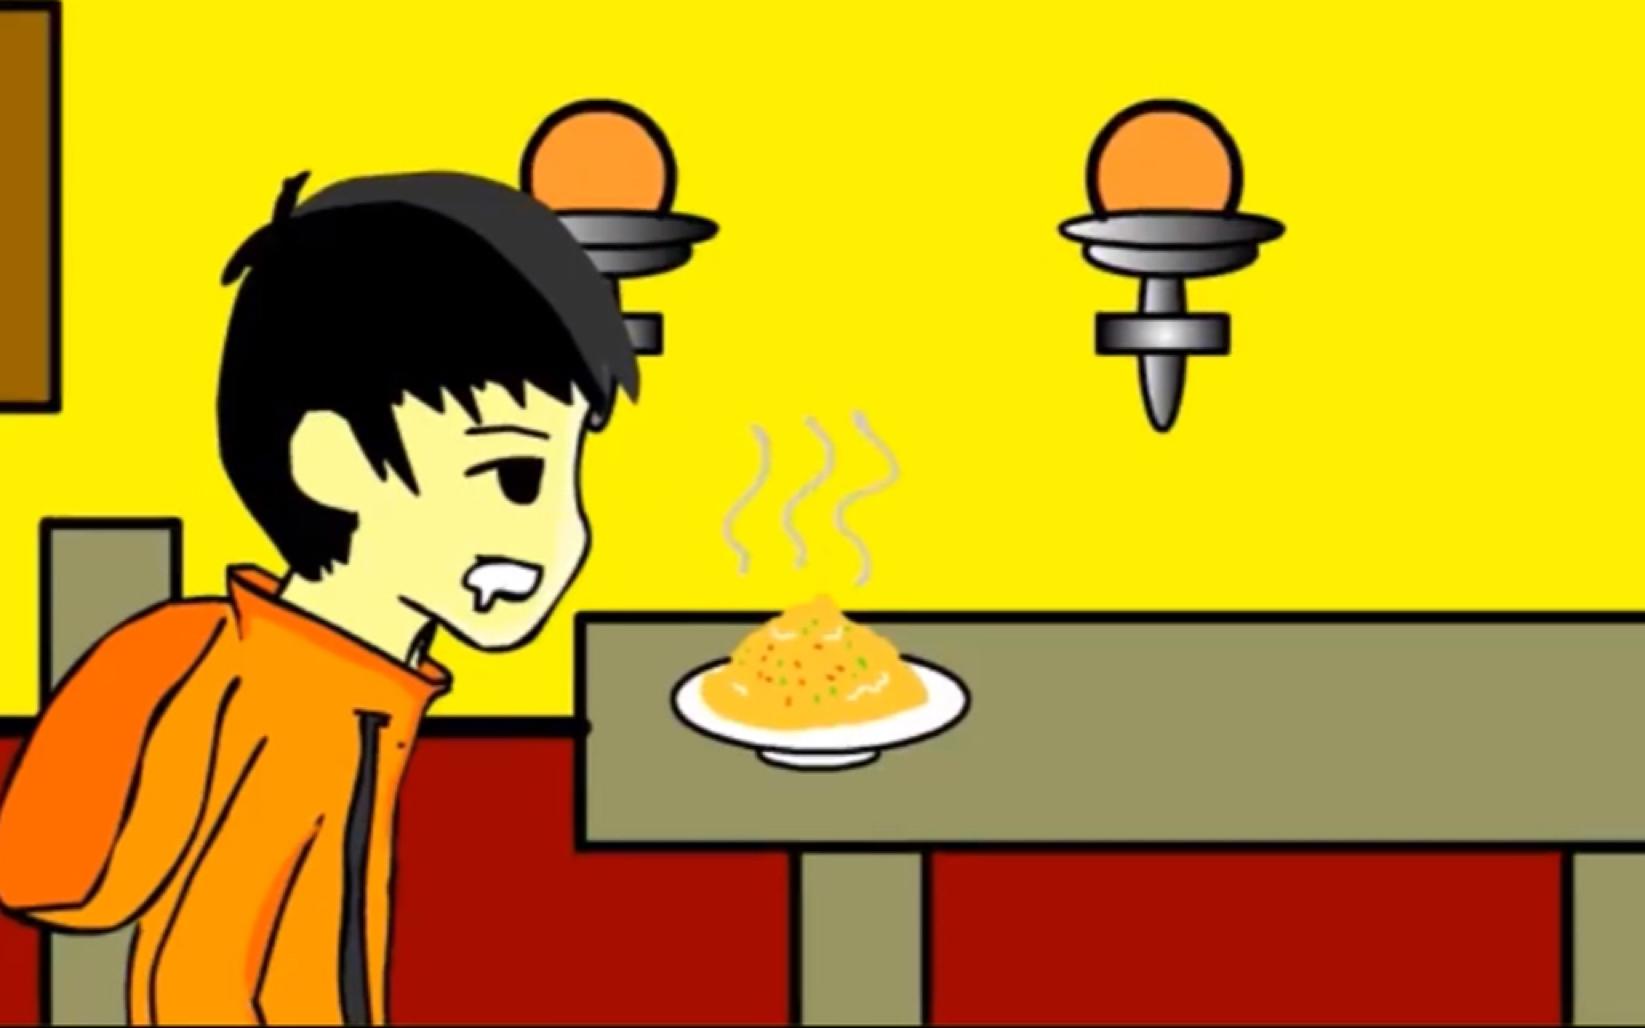 搞笑动画视频短片_不恐怖动画:蛋炒饭_哔哩哔哩 (゜-゜)つロ 干杯~-bilibili